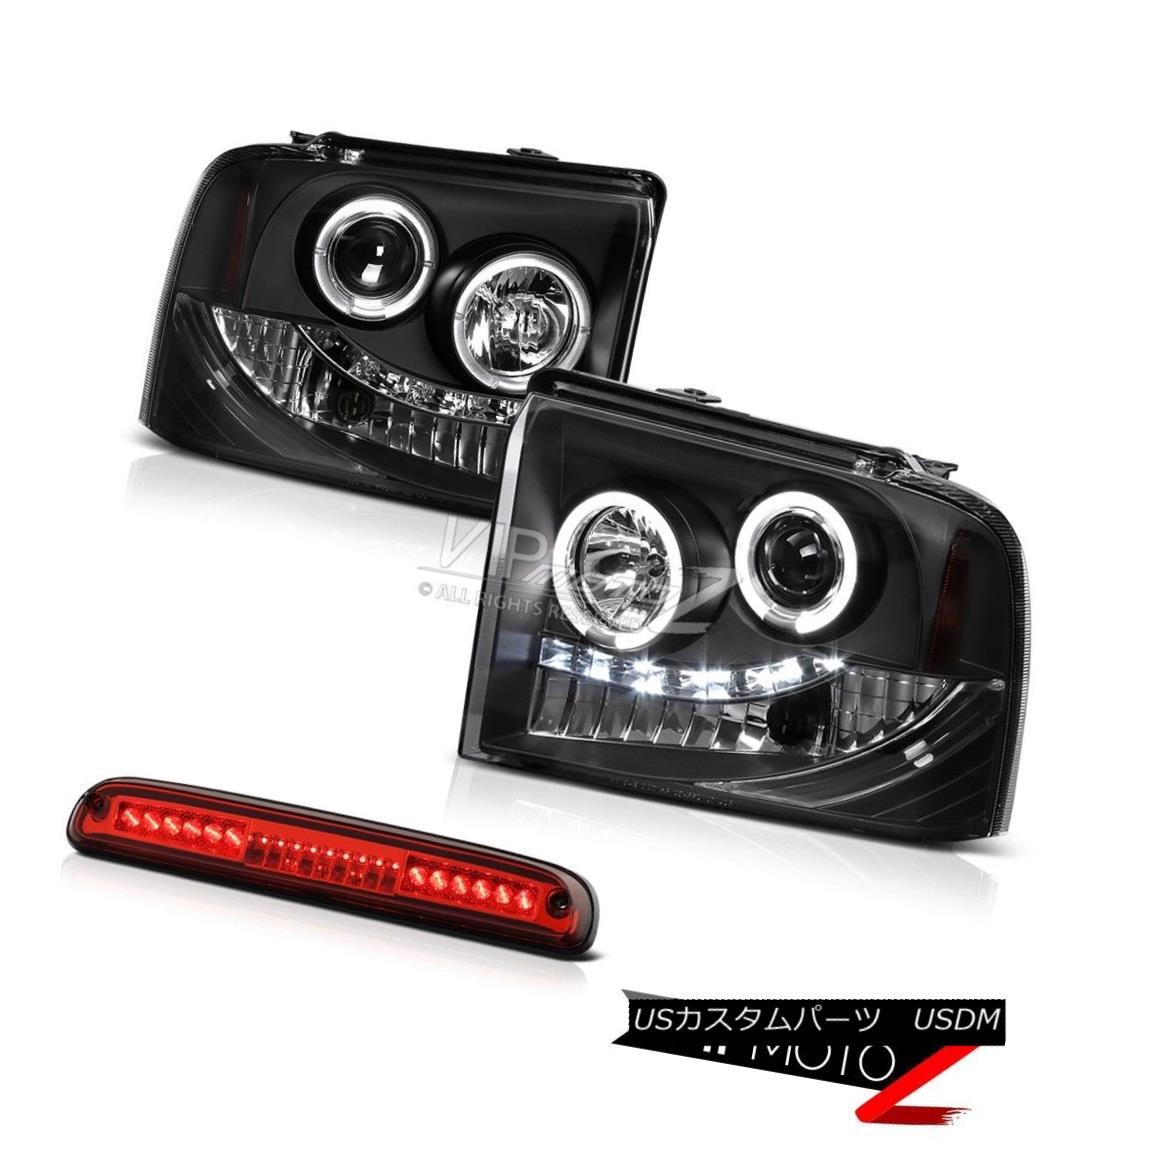 ヘッドライト 05 06 07 Ford F-350 Outlaw Black Halo Projector Headlights Roof Brake LED Red 05 06 07フォードF-350アウトローブラックハロープロジェクターヘッドライトルーフブレーキLEDレッド